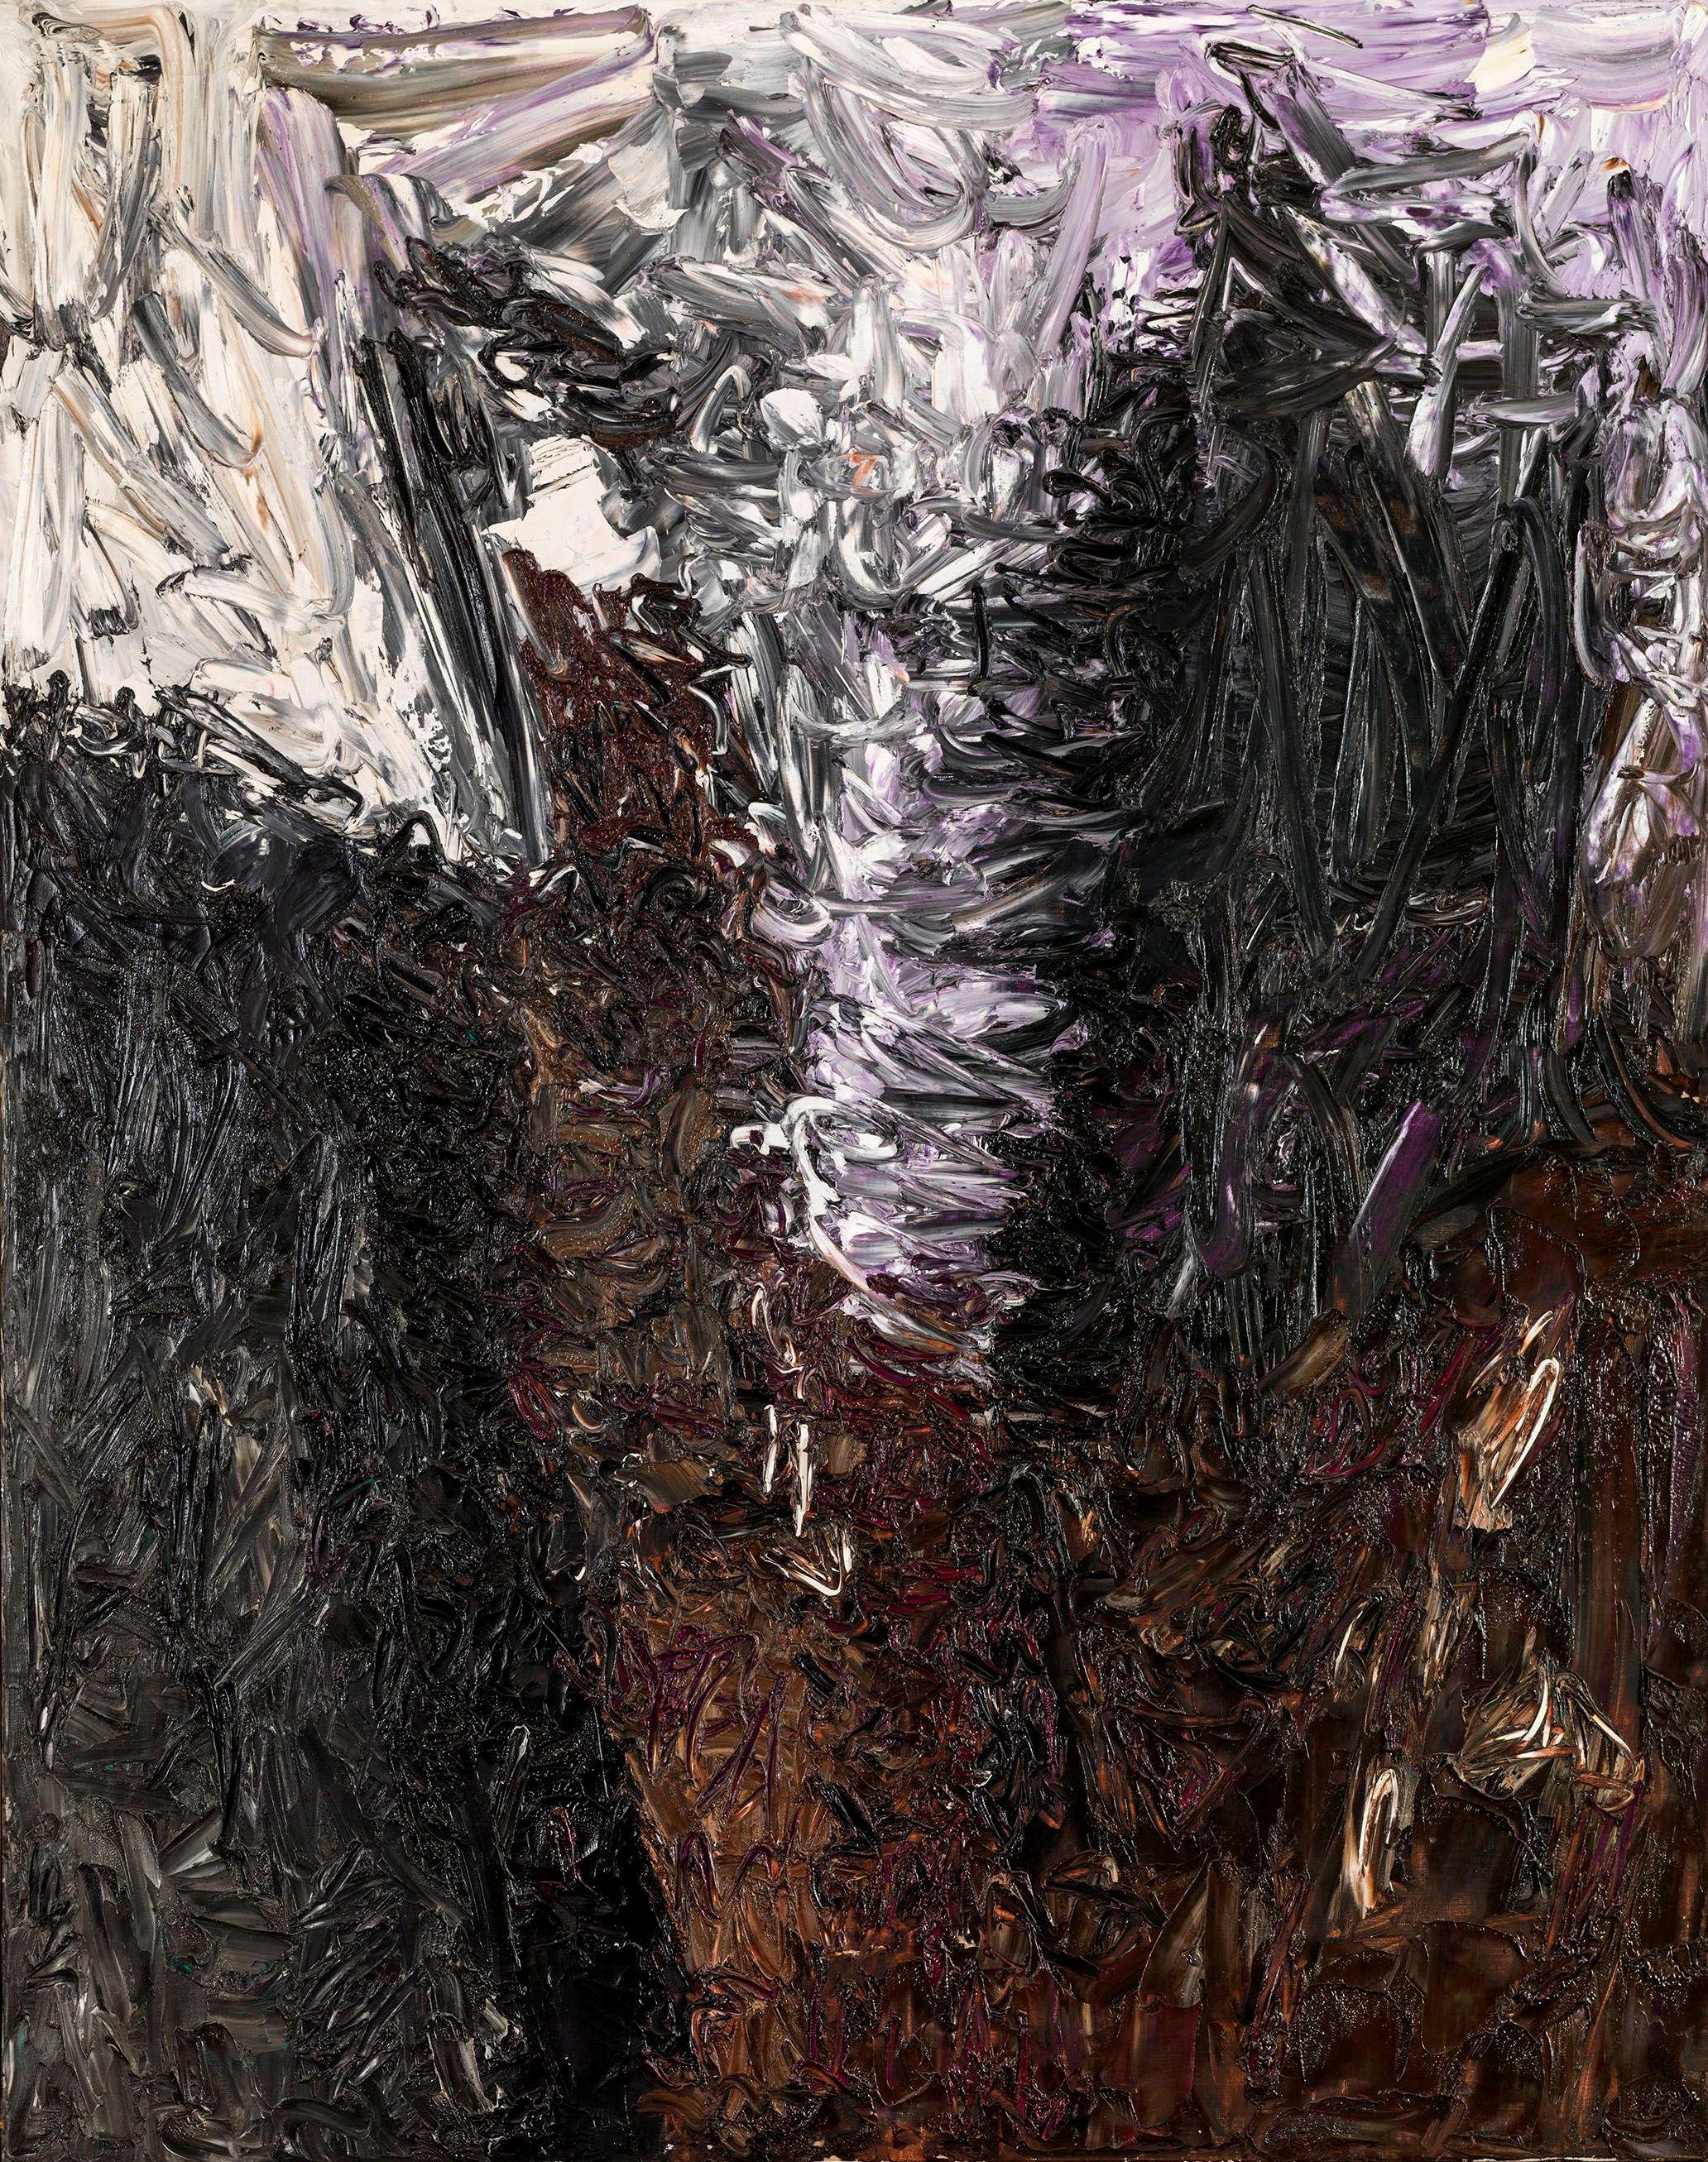 """senza titolo, 1961, dalla serie """"Gesto e materia"""", olio su tela, cm 162 x 130    untitled, 1961, from the series """"Gesto e materia"""", oil on canvas, cm 162 x 130"""